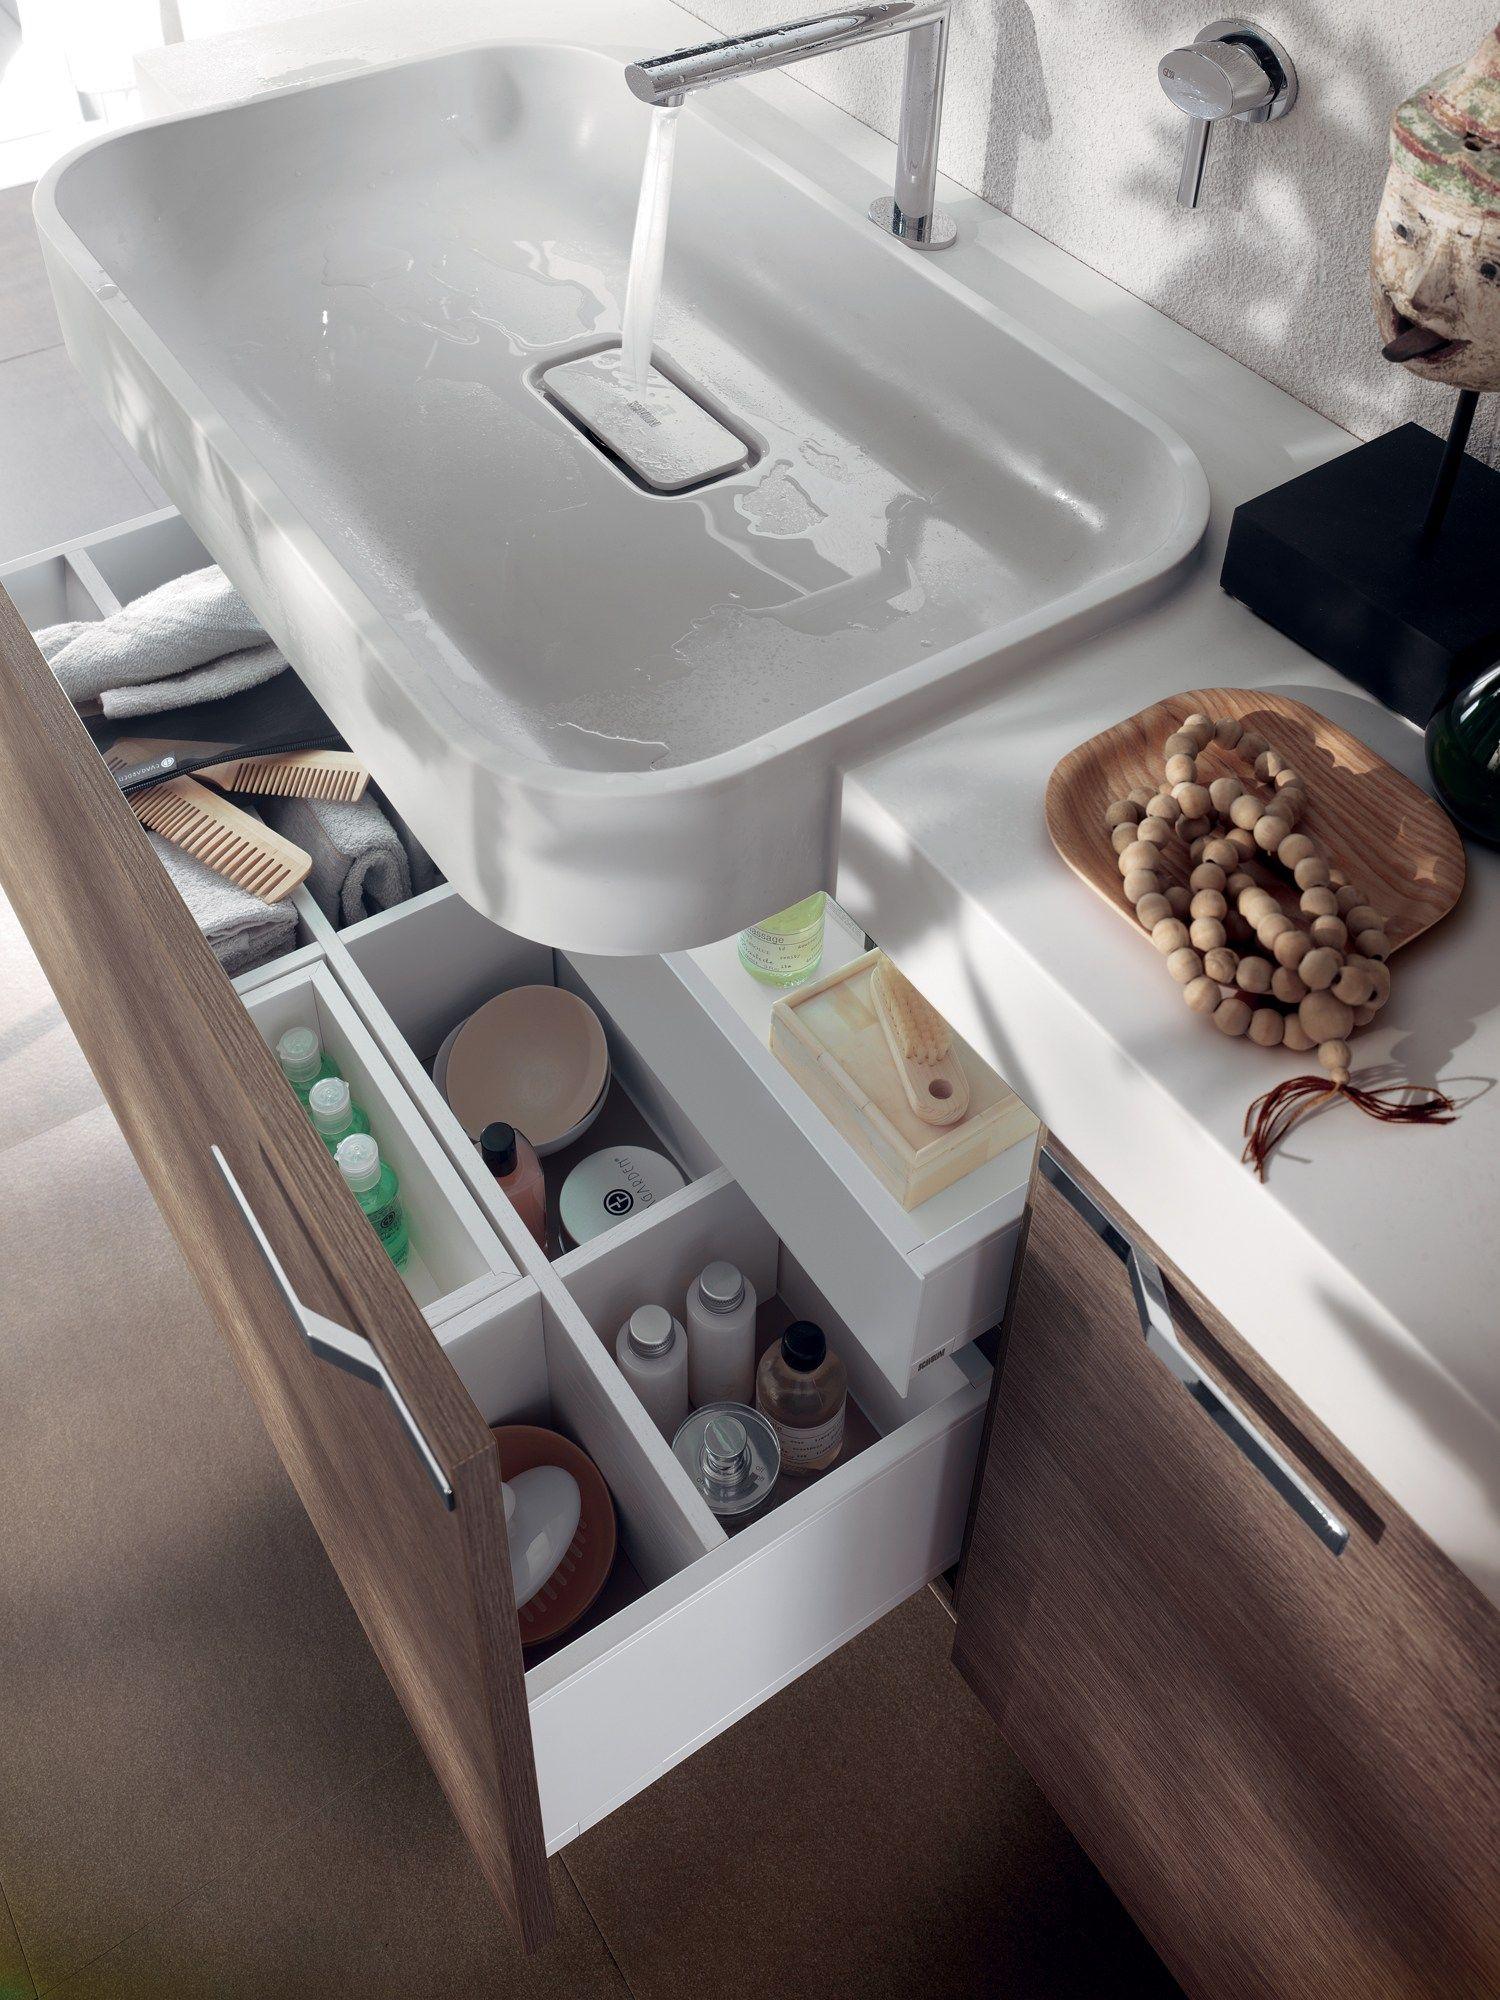 Emejing Accessori Cucine Scavolini Ideas - harrop.us - harrop.us